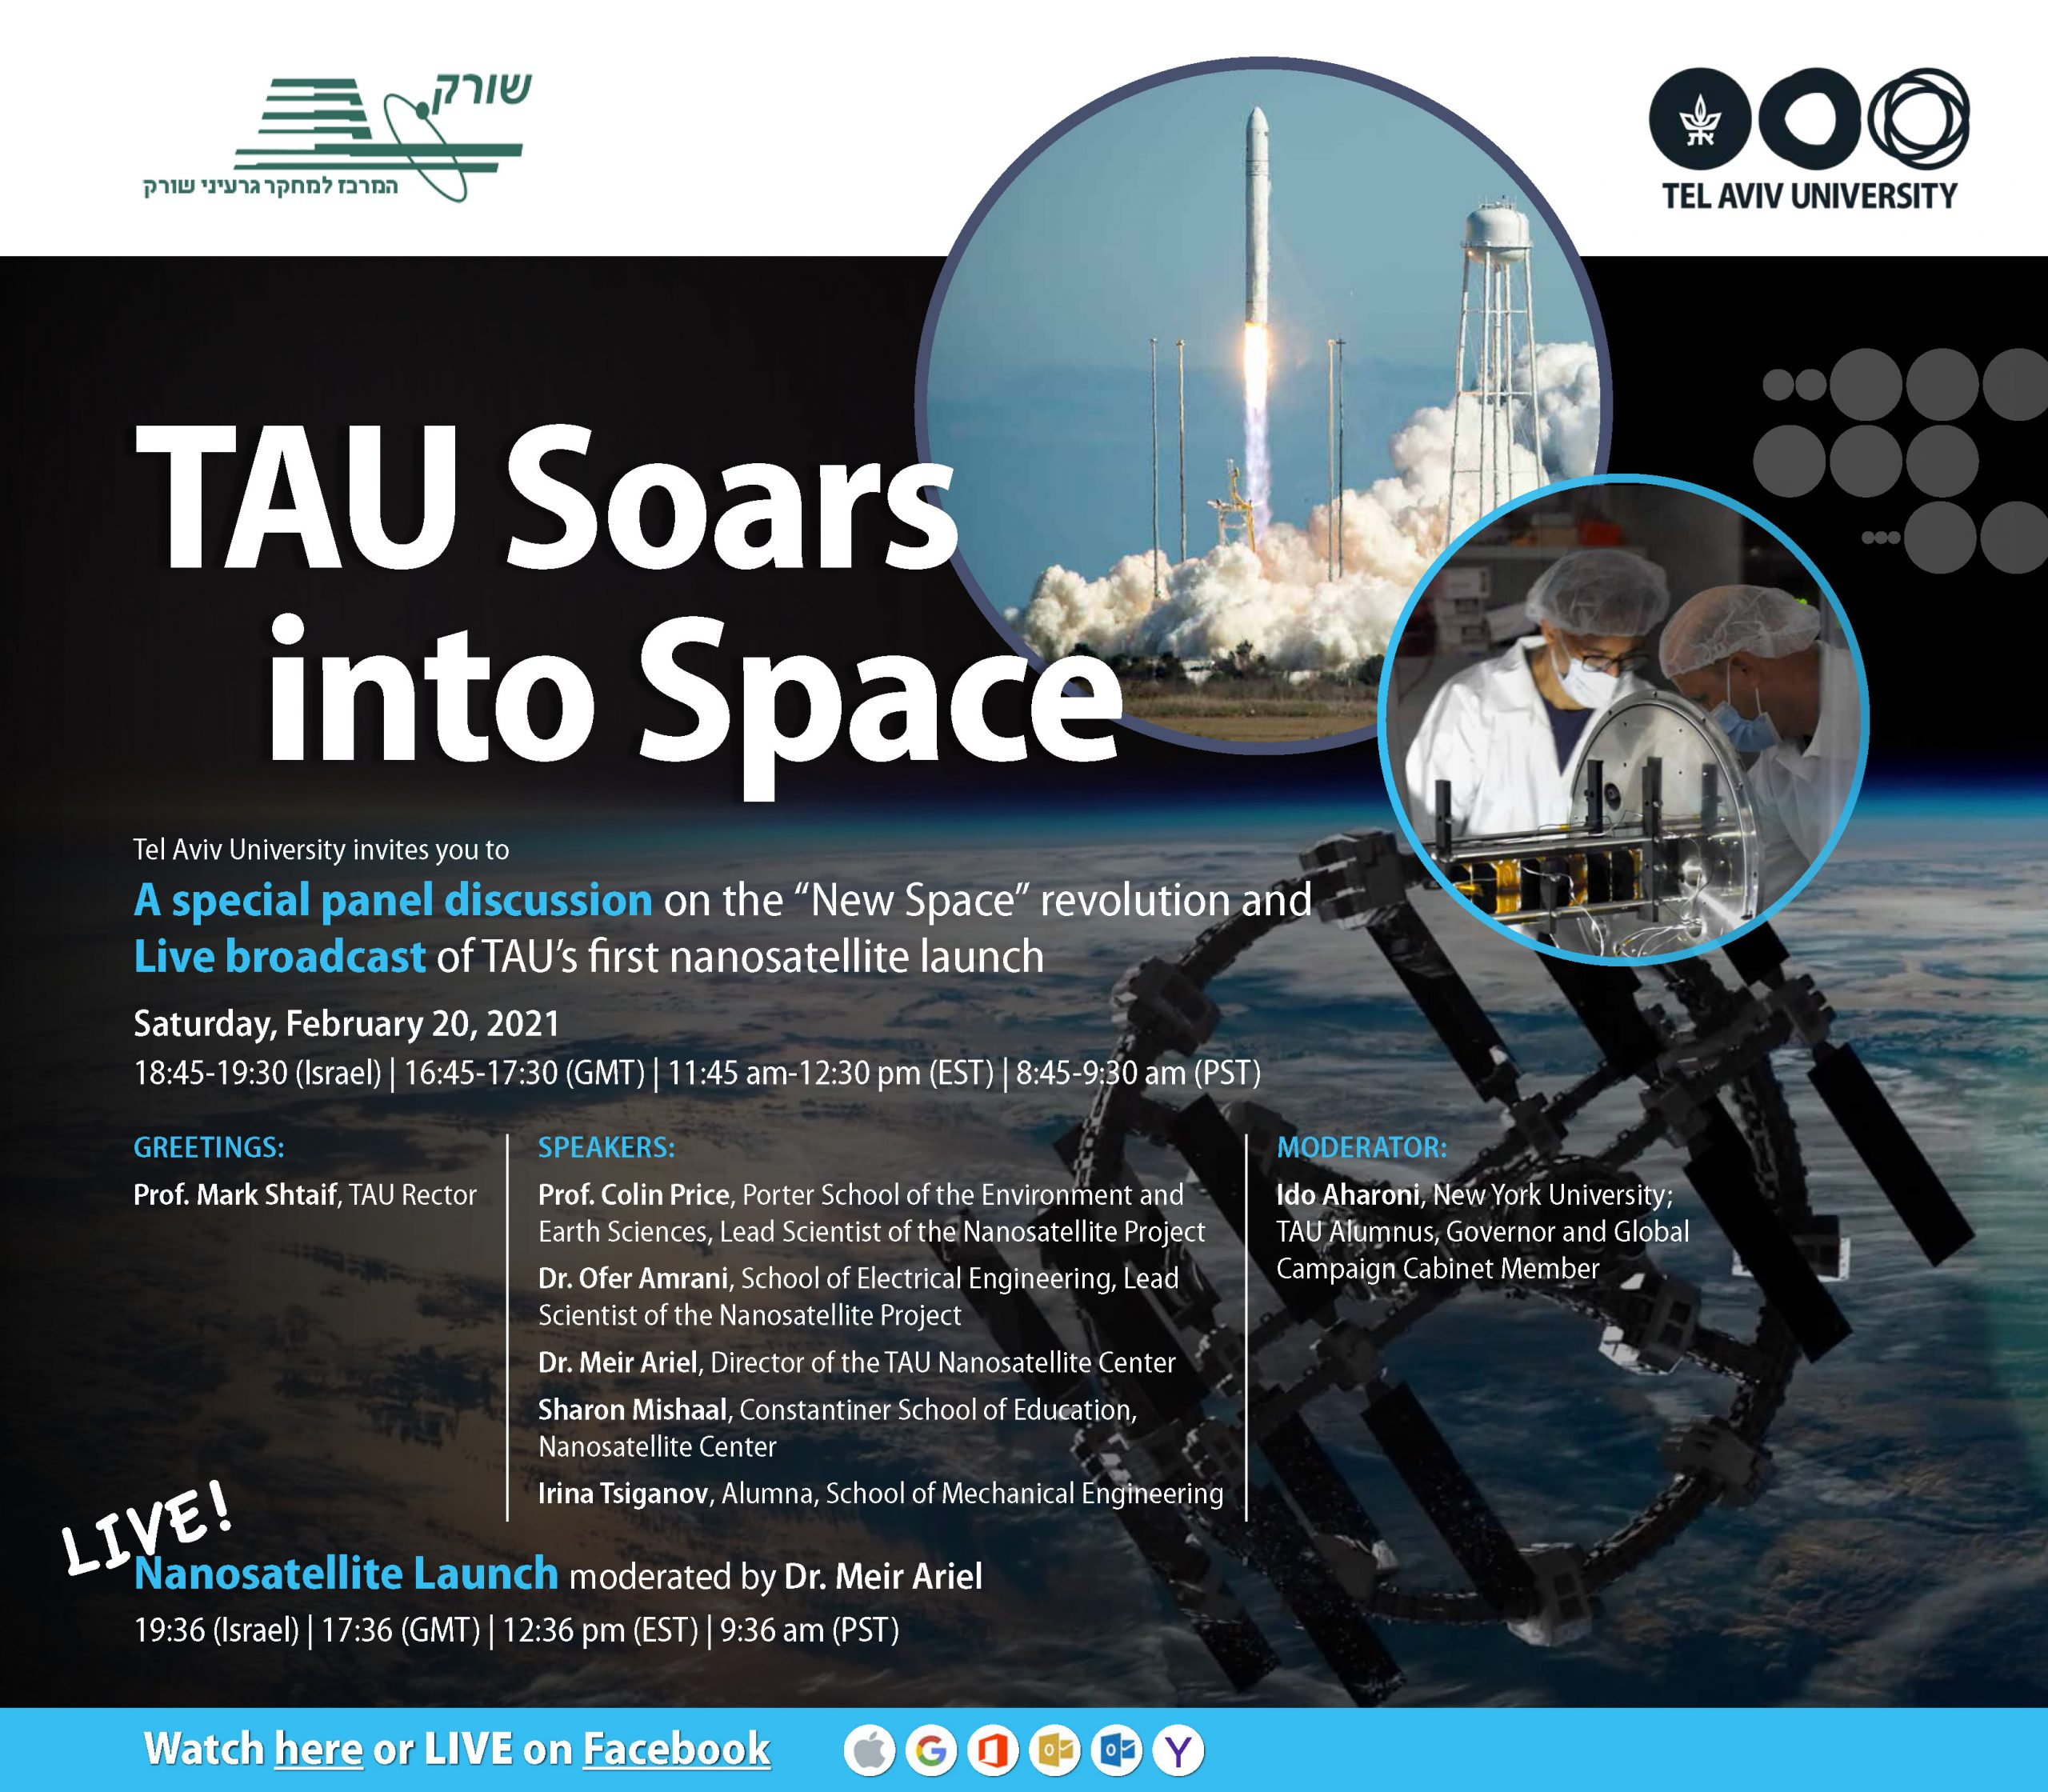 Start des 1. TAU Satelliten live am Samstag, 20.02.2021